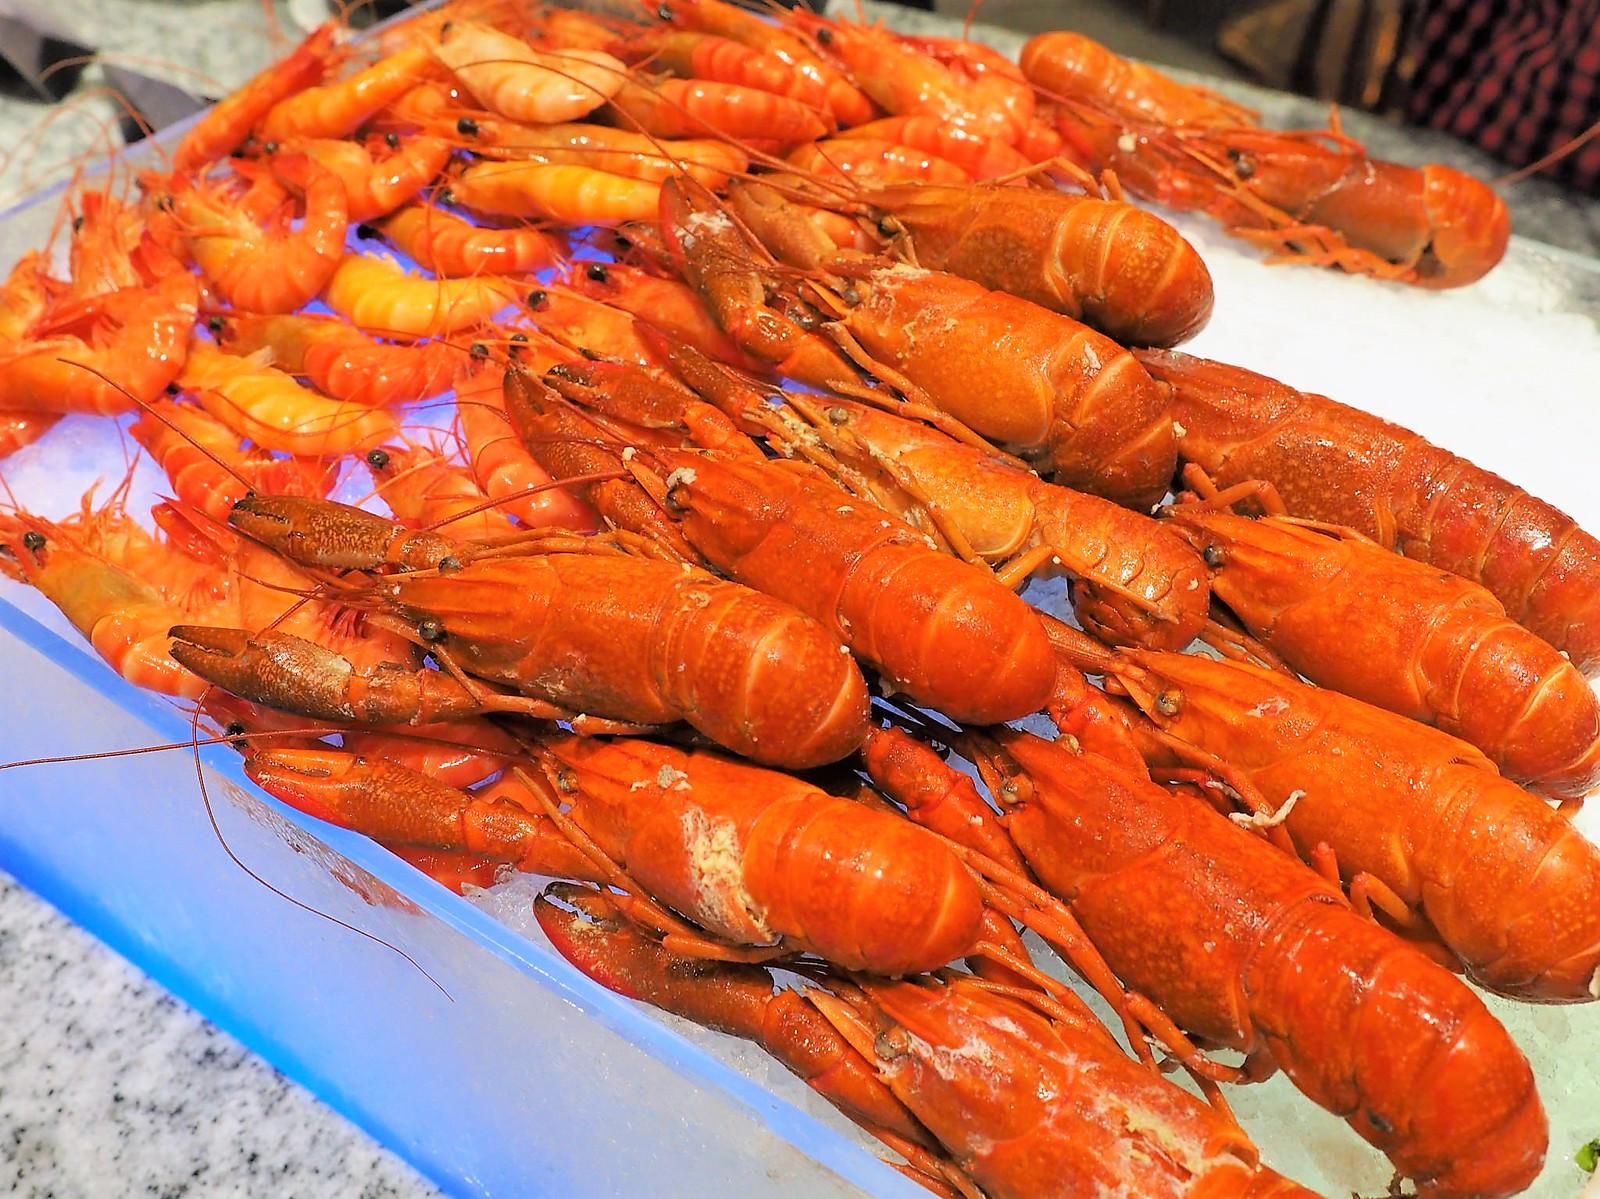 Yabby and prawn on ice at Feast @ Sheraton Petaling Jaya